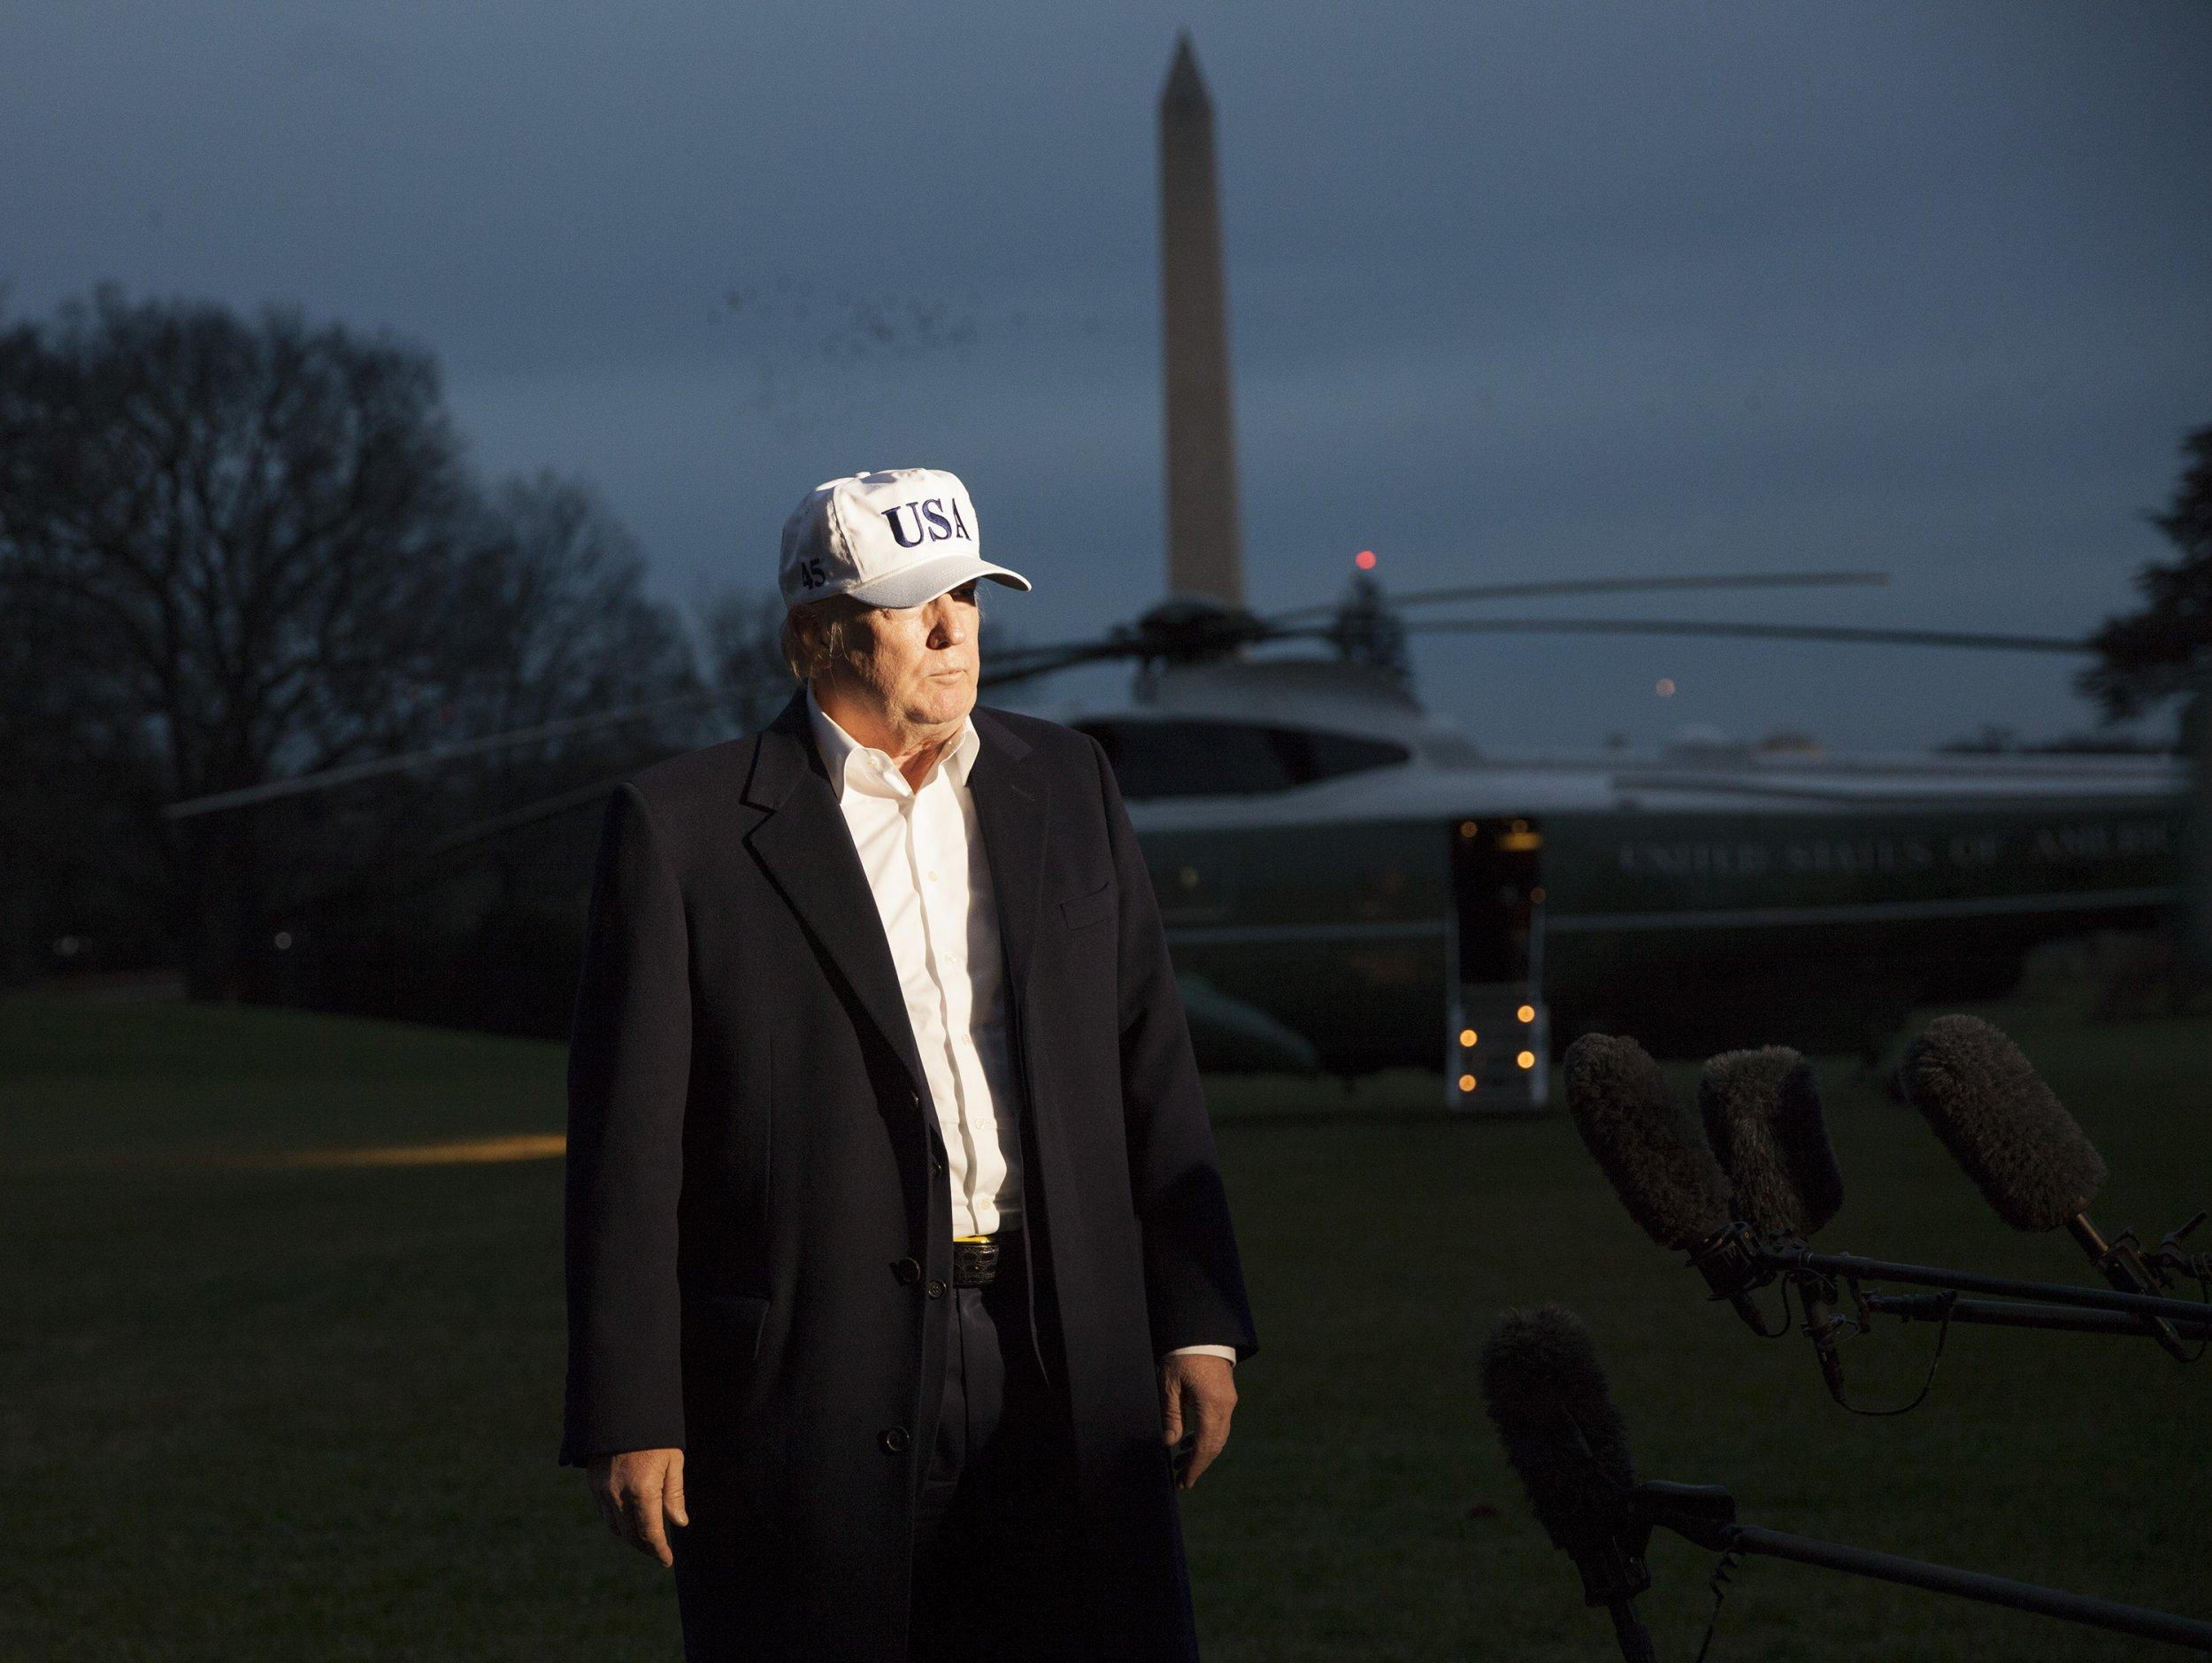 12_18_Trump_dictator